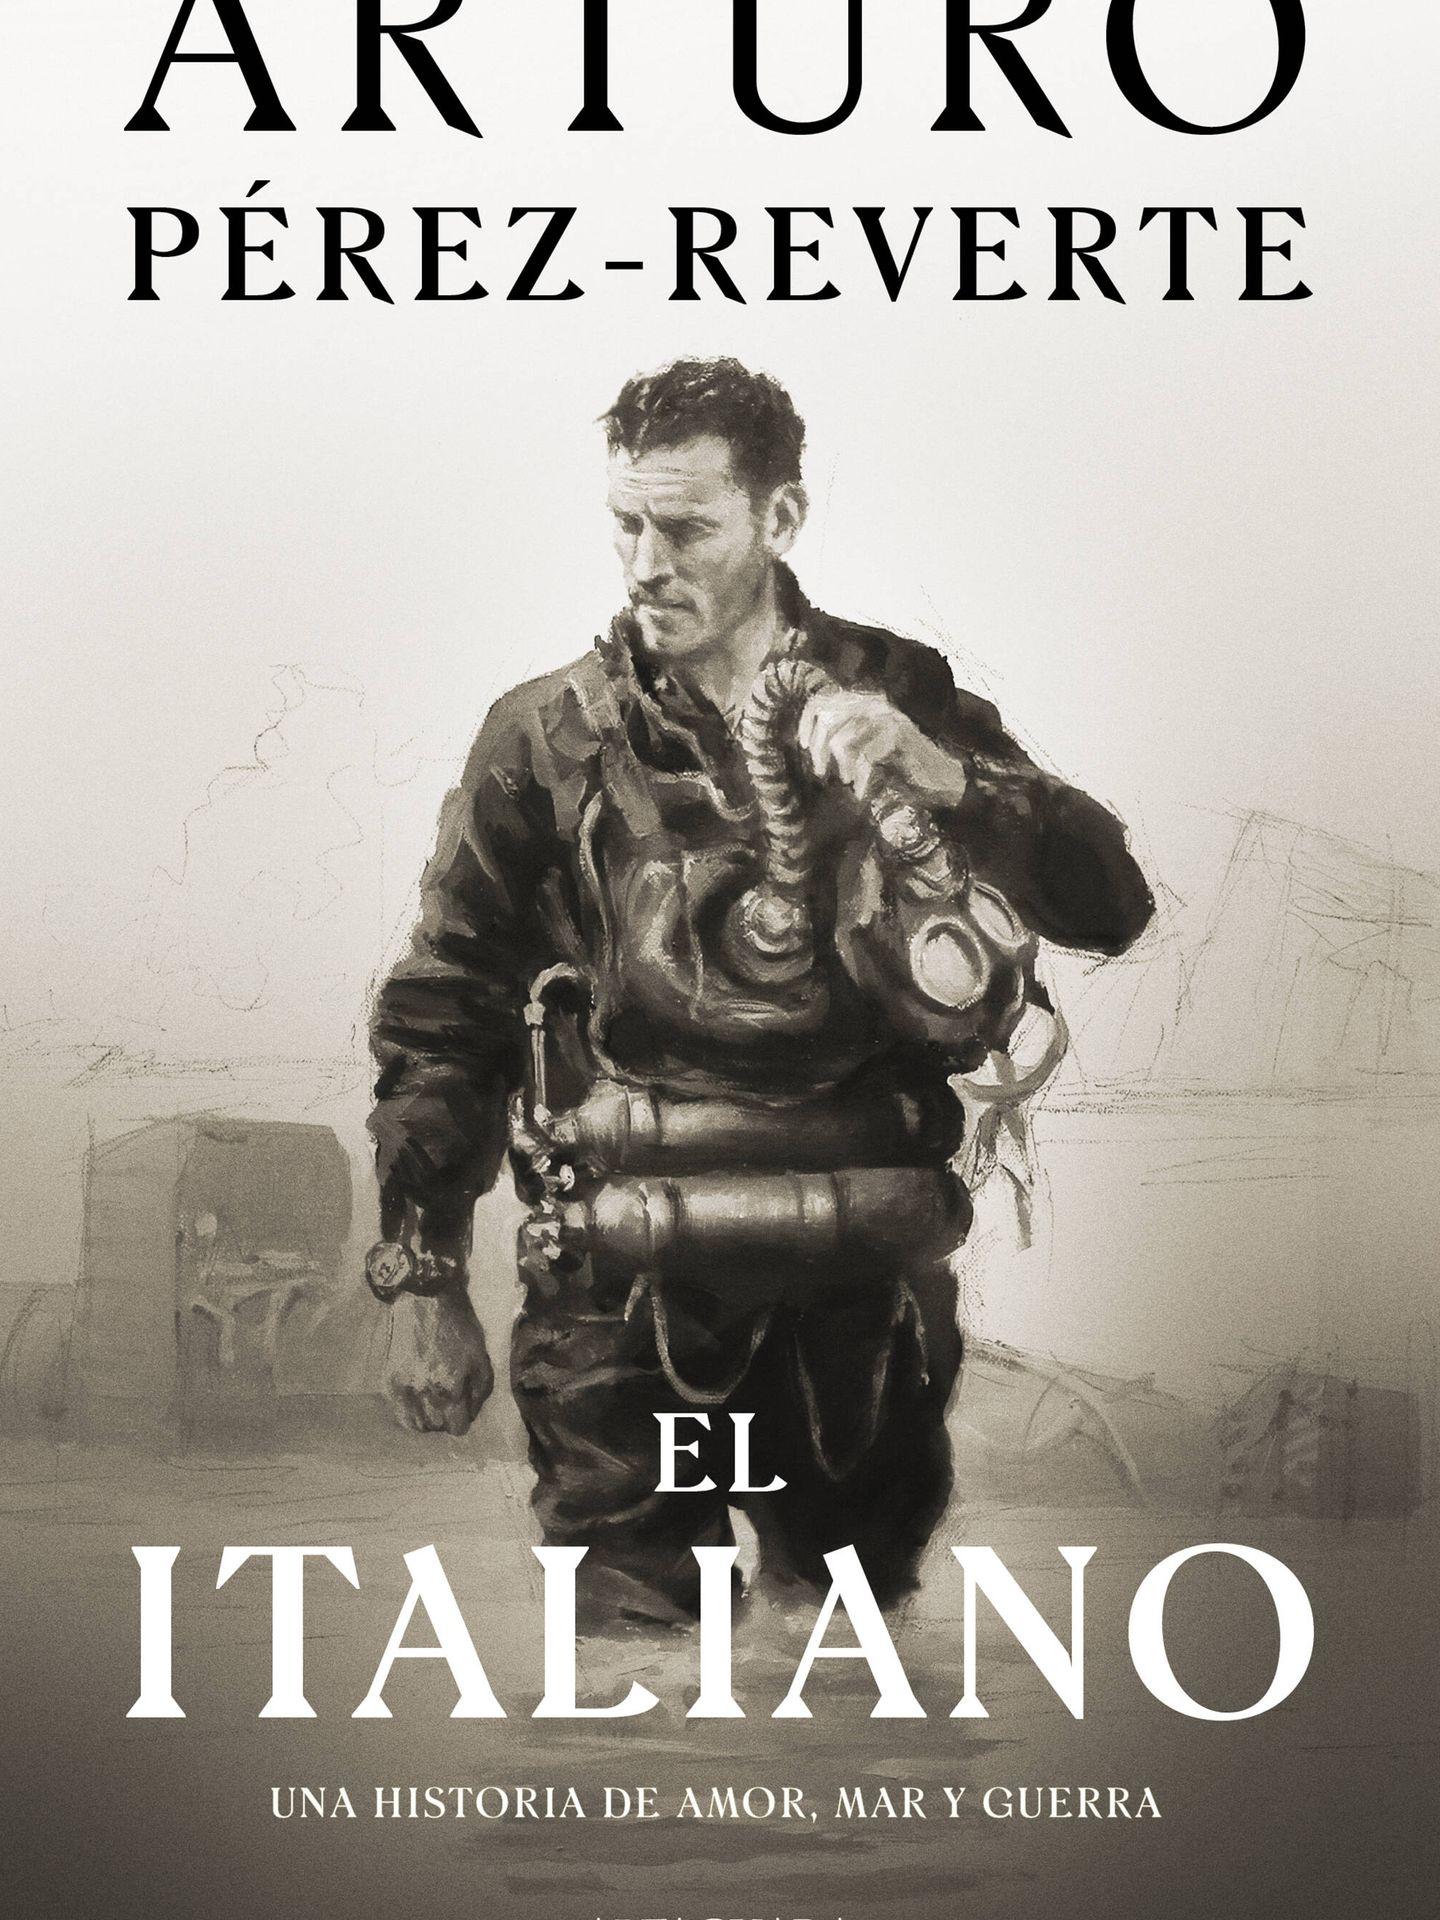 'El italiano'.